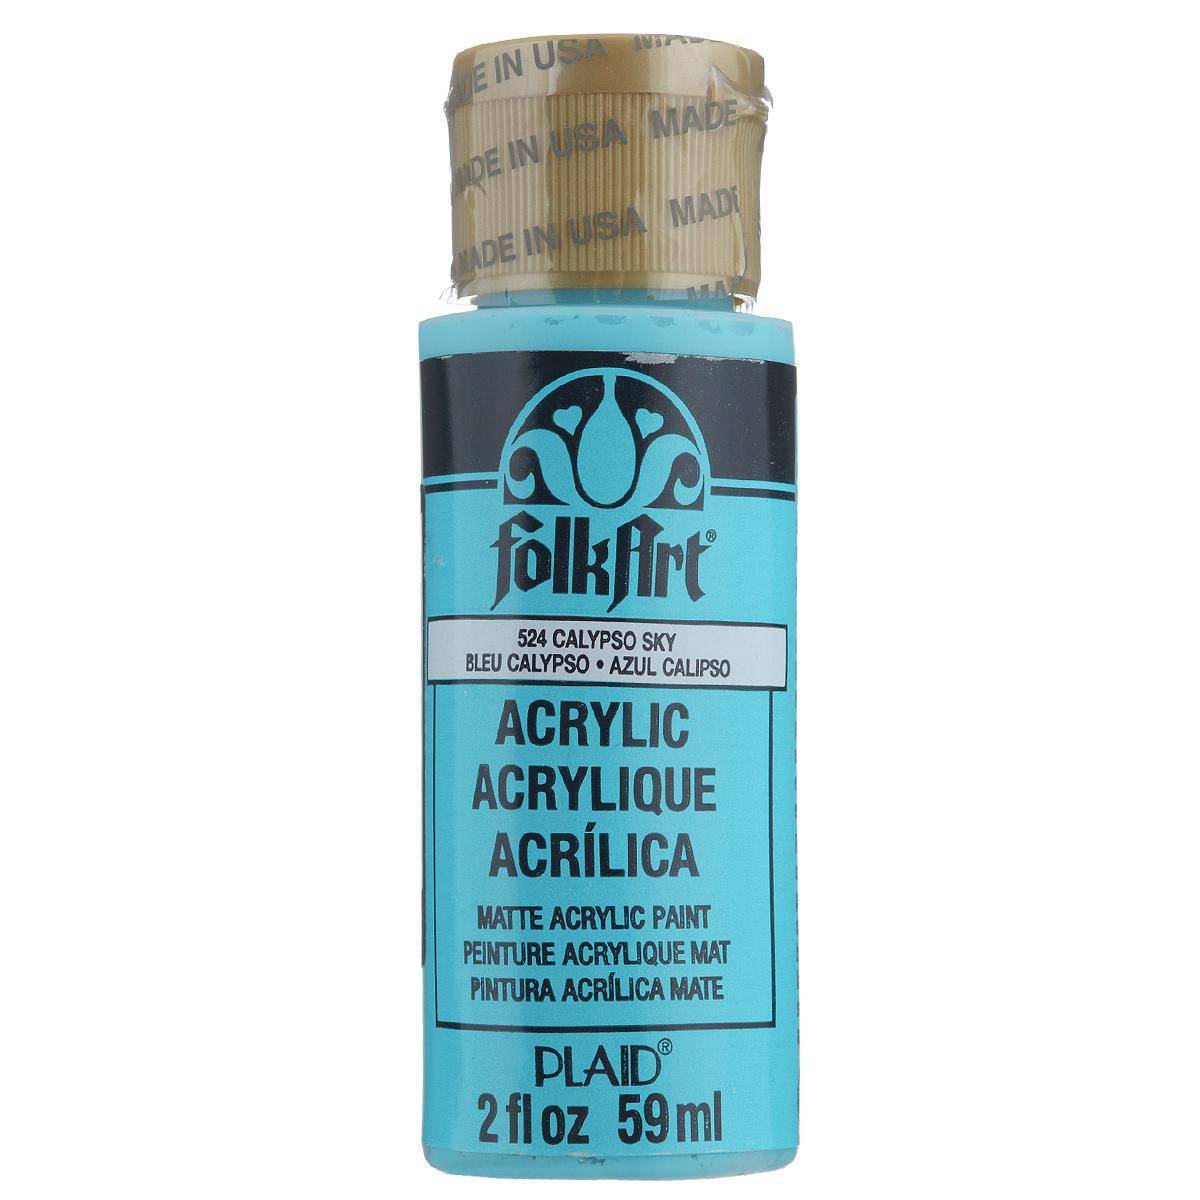 Акриловая краска FolkArt, цвет: голубой, 59 млPLD-00524Акриловая краска FolkArt выполнена на водной основе и предназначена для рисования на пористых поверхностях. Краска устойчива к погодным и ультрафиолетовым воздействиям. Не нуждается в дополнительном покрытии герметиком. После высыхания имеет глянцевый вид.Изделия покрытые краской FolkArt, прекрасно дополнят ваш интерьер. Объем: 59 мл.